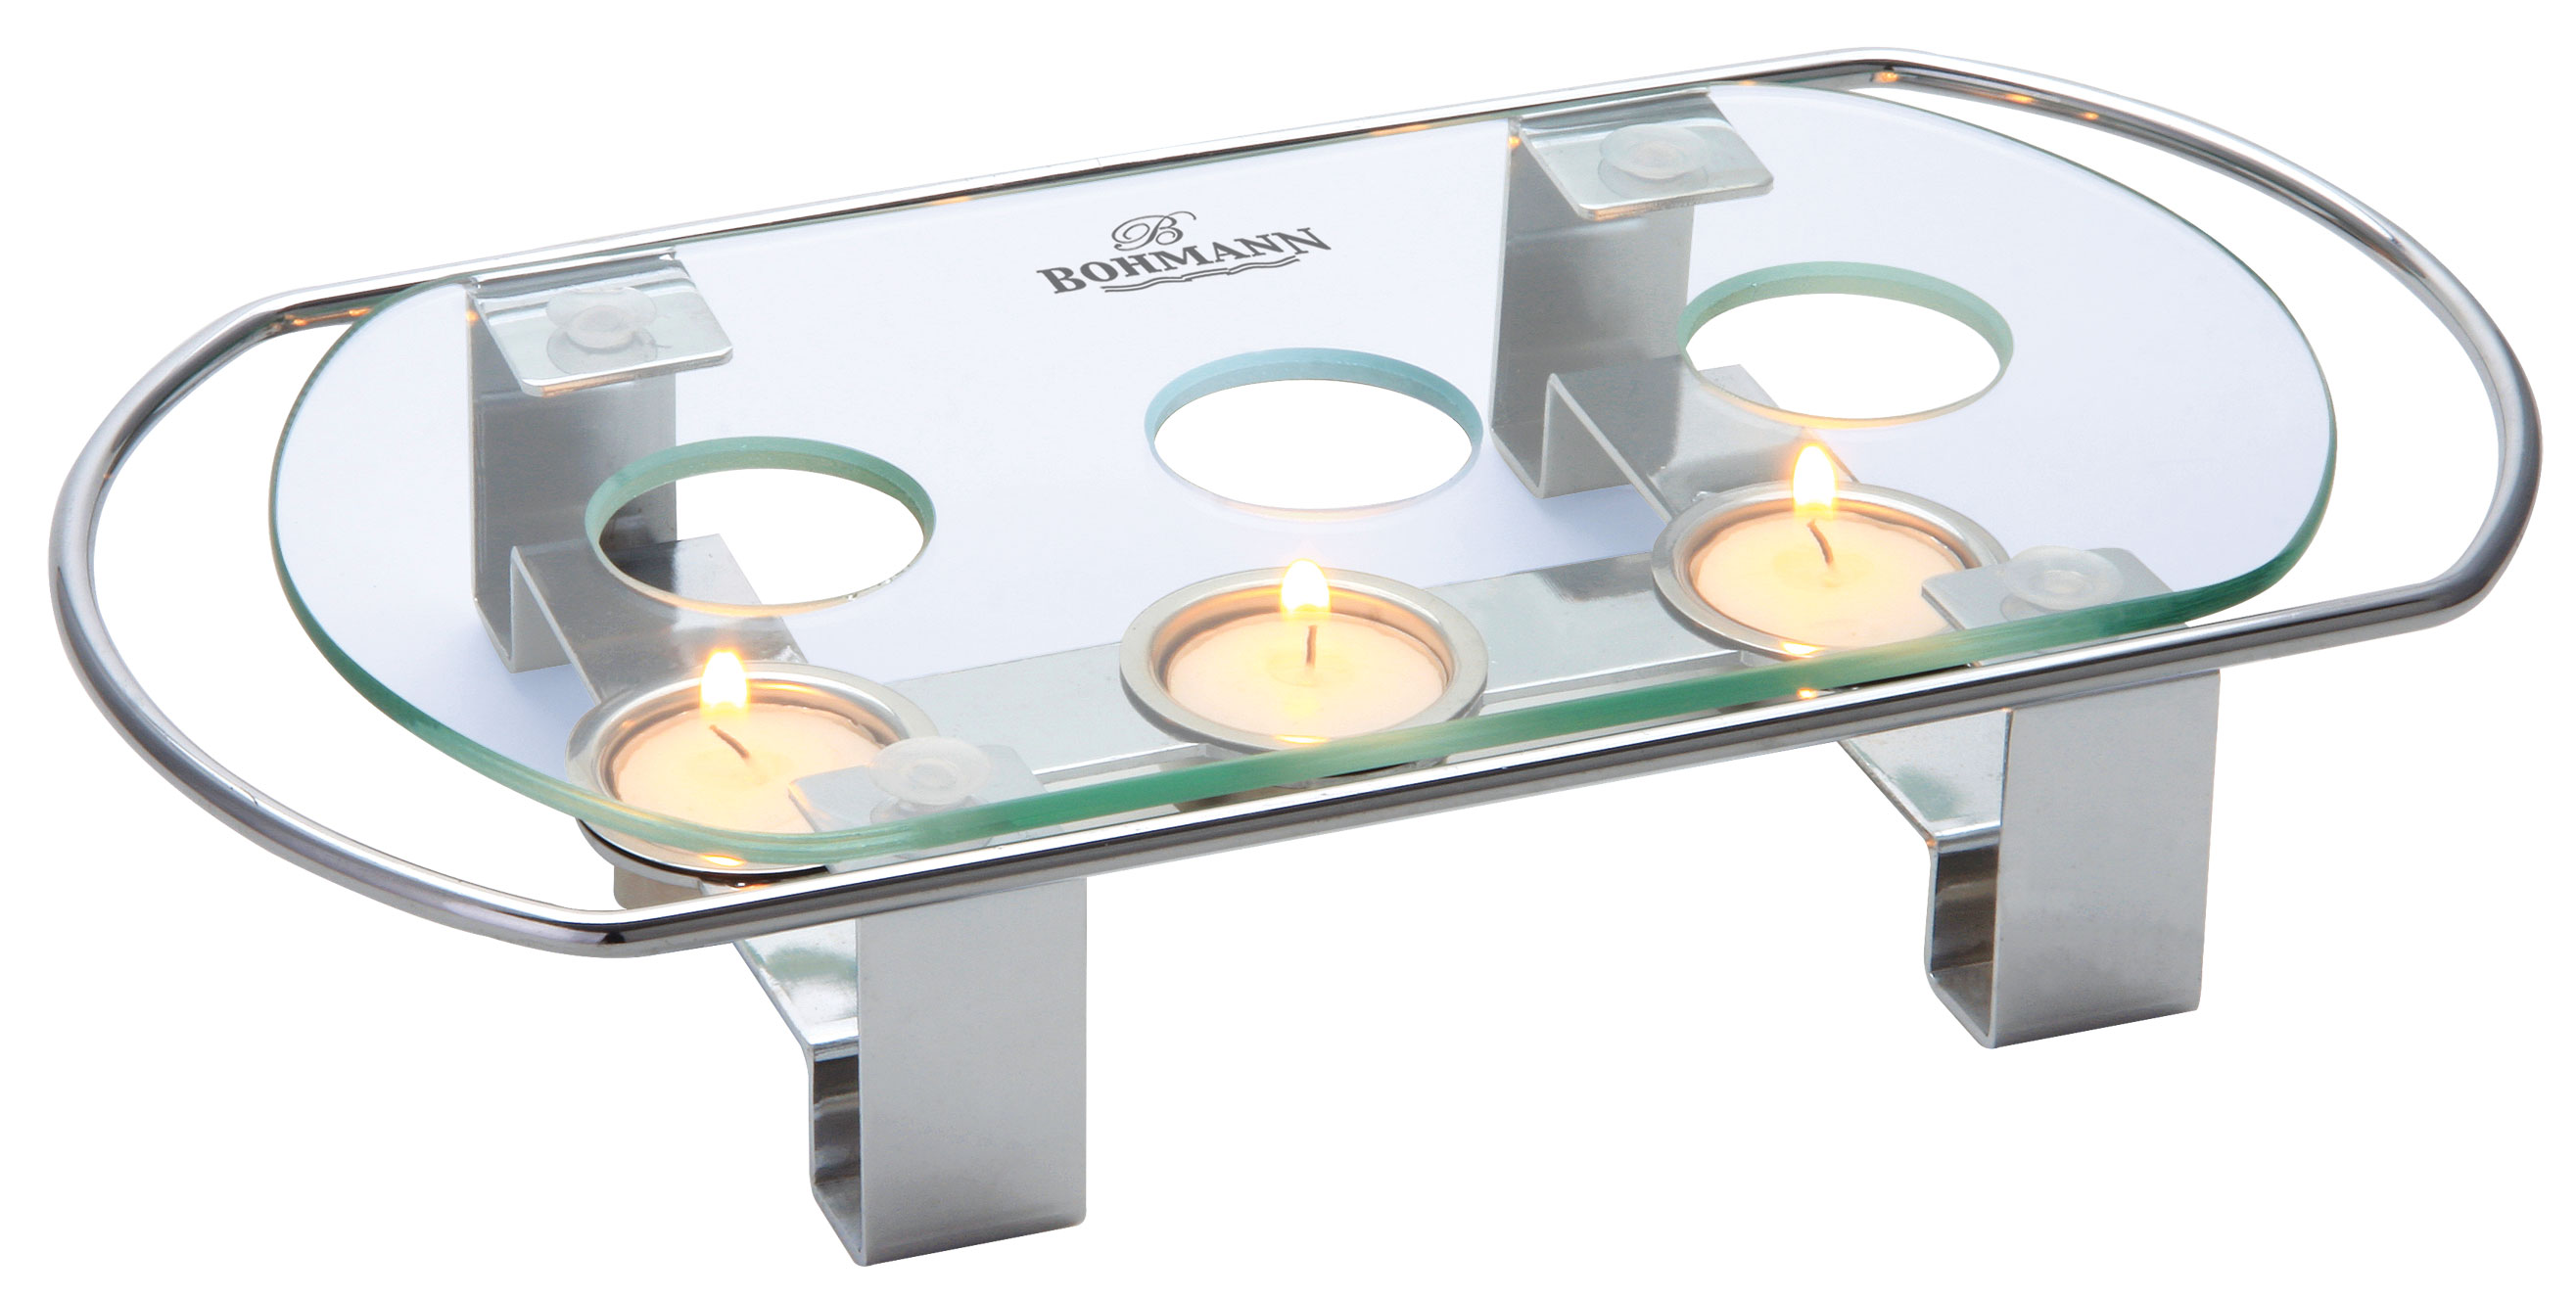 Мармит-подставка Bohmann, цвет: прозрачный204BH/NEWТермостойкая стеклянная подставка-мармит Bohmann идеально подойдет для подогрева блюд. Стекло можно заменить, легко мыть. Не ржавеет. Глянцевая хромированная рамка с 3 держателями для греющей свечи.Размер: 34 х 18 х 6 см.